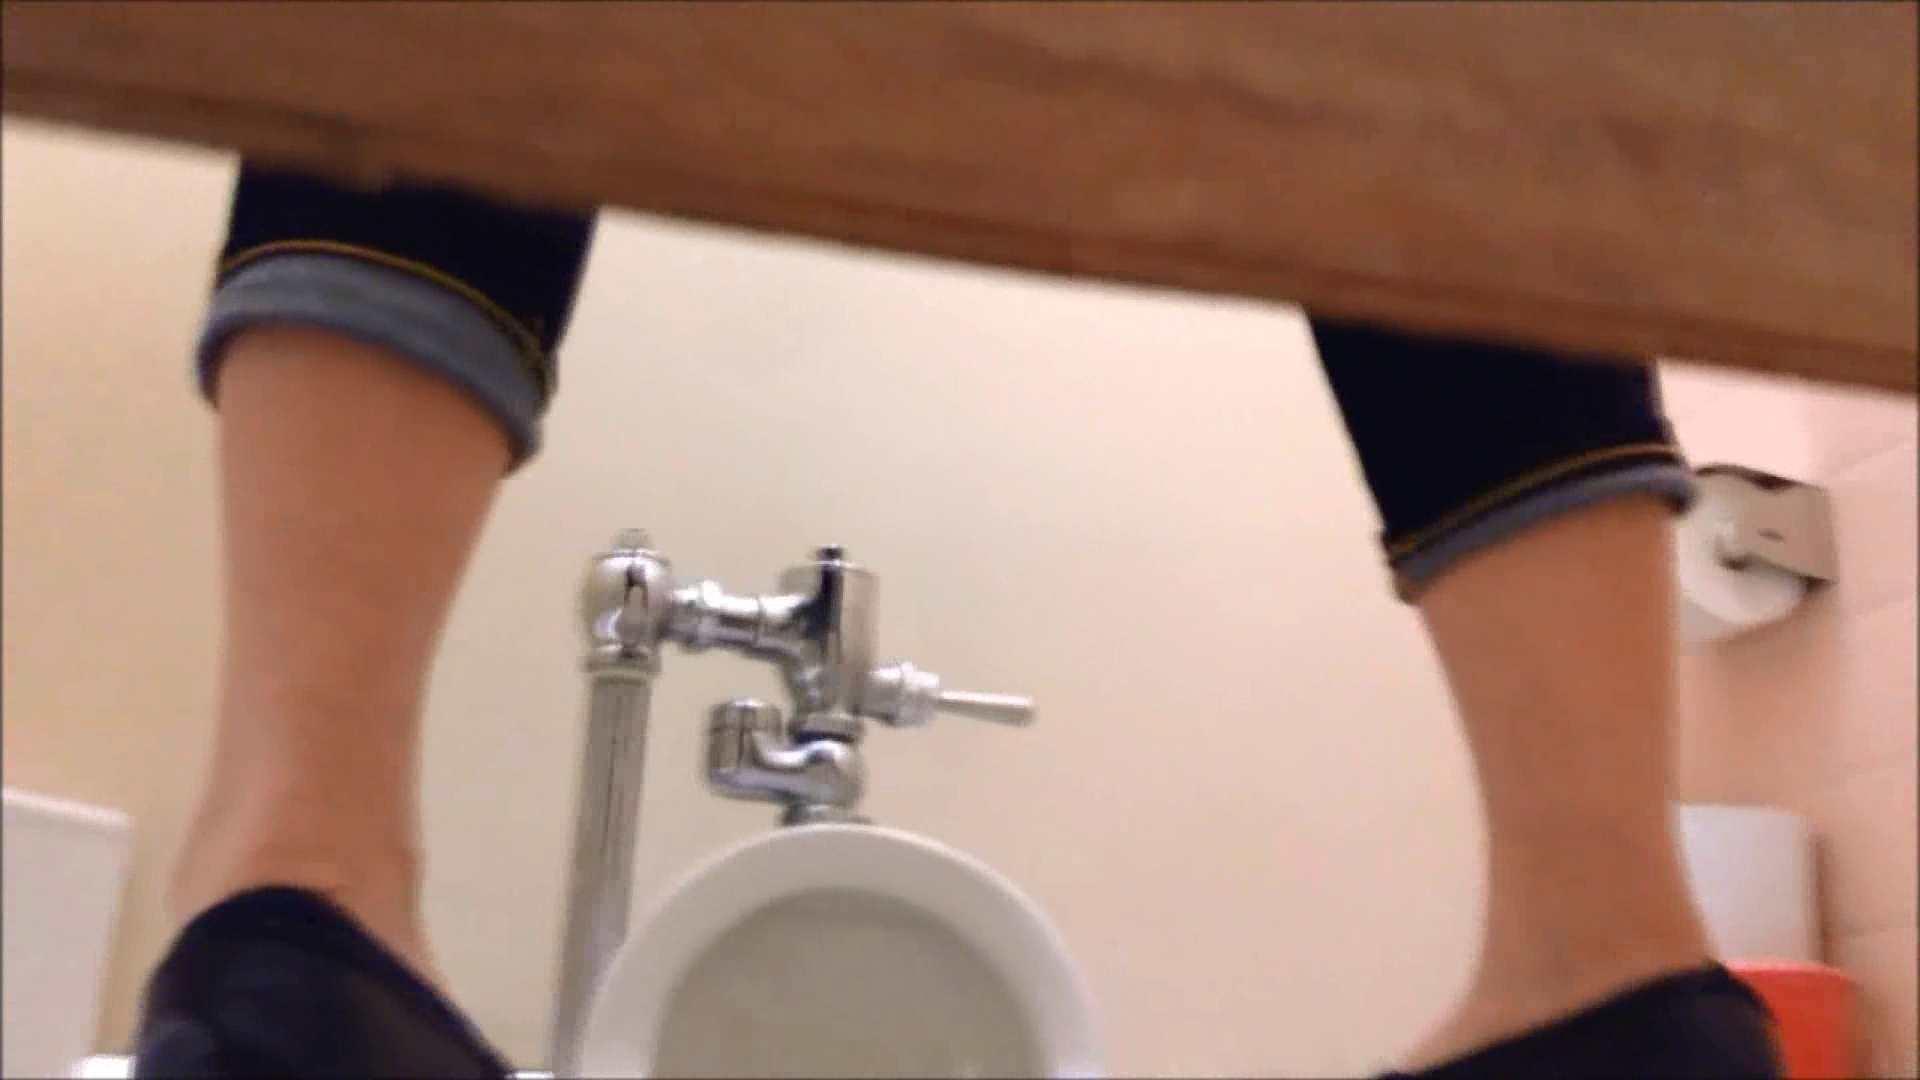 某有名大学女性洗面所 vol.17 和式で踏ん張り中 のぞき動画画像 107連発 47